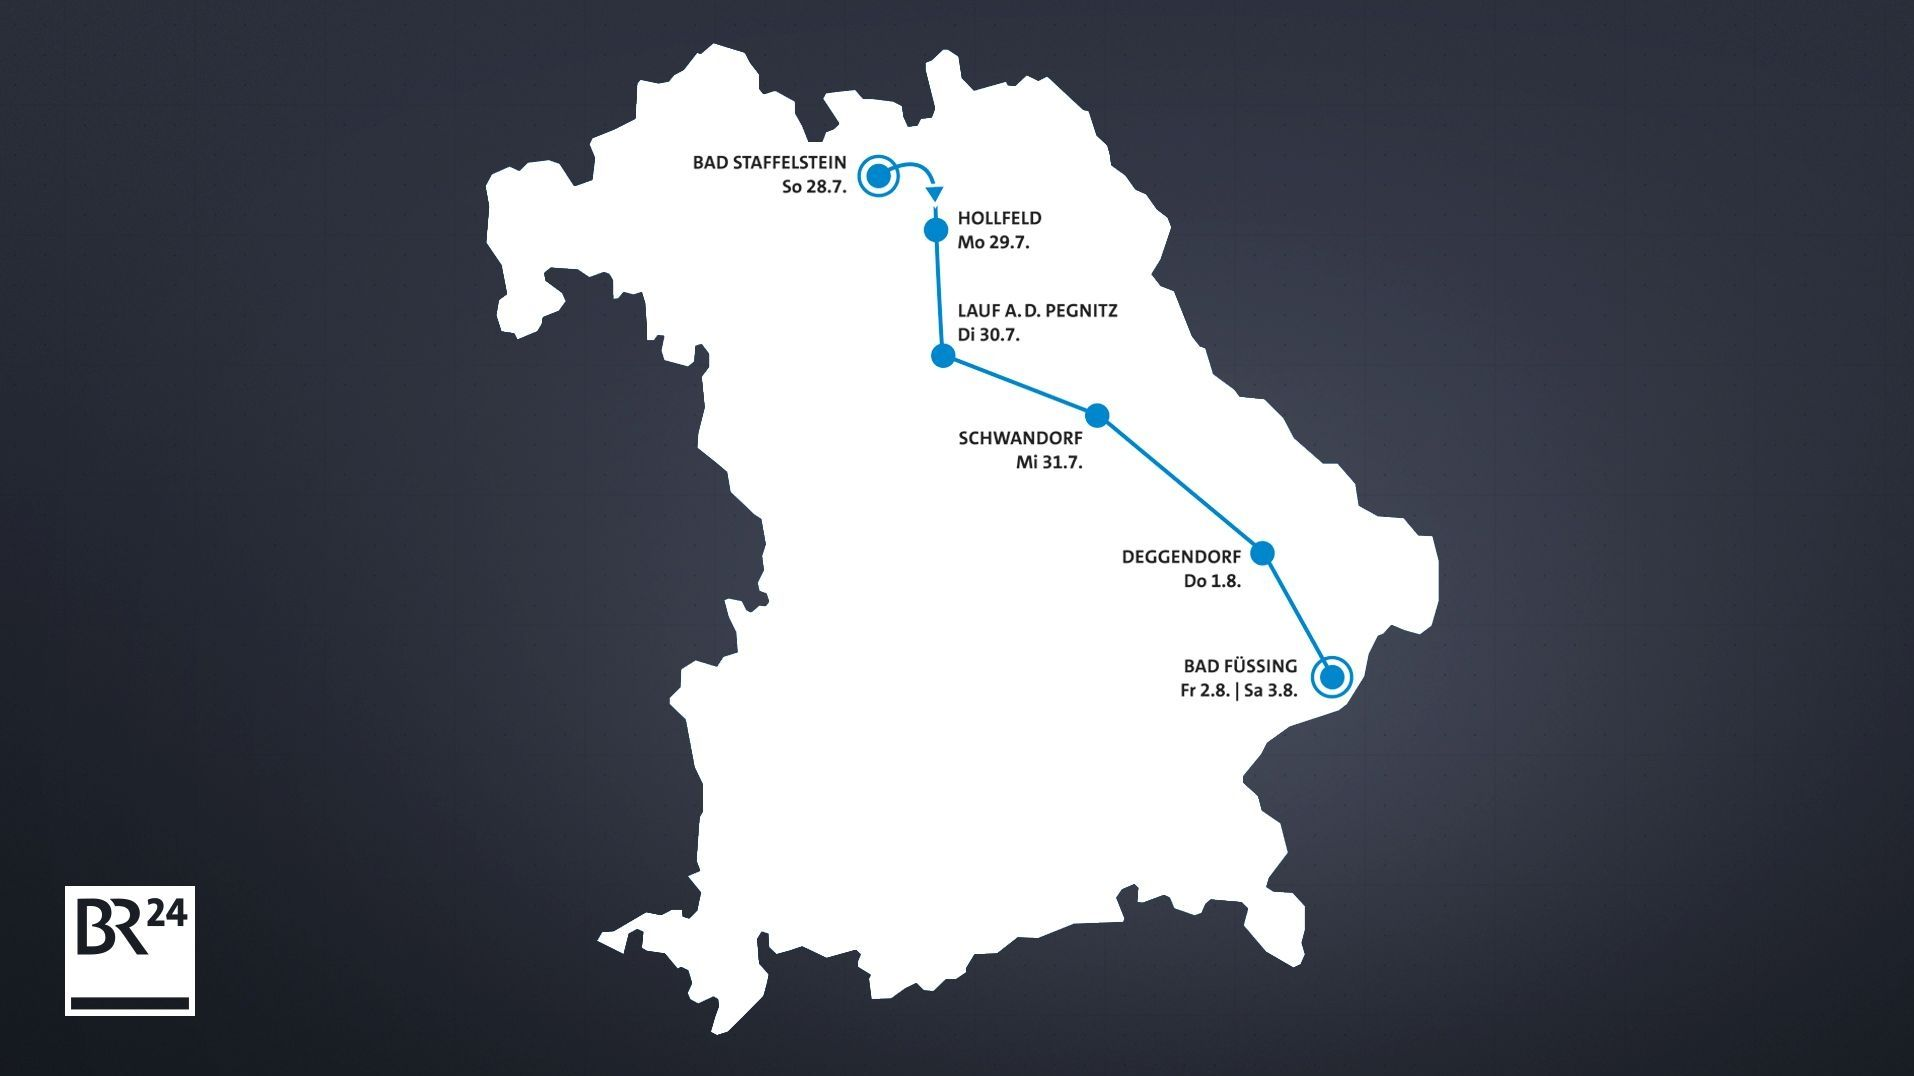 Die Route der 30. BR-Radltour